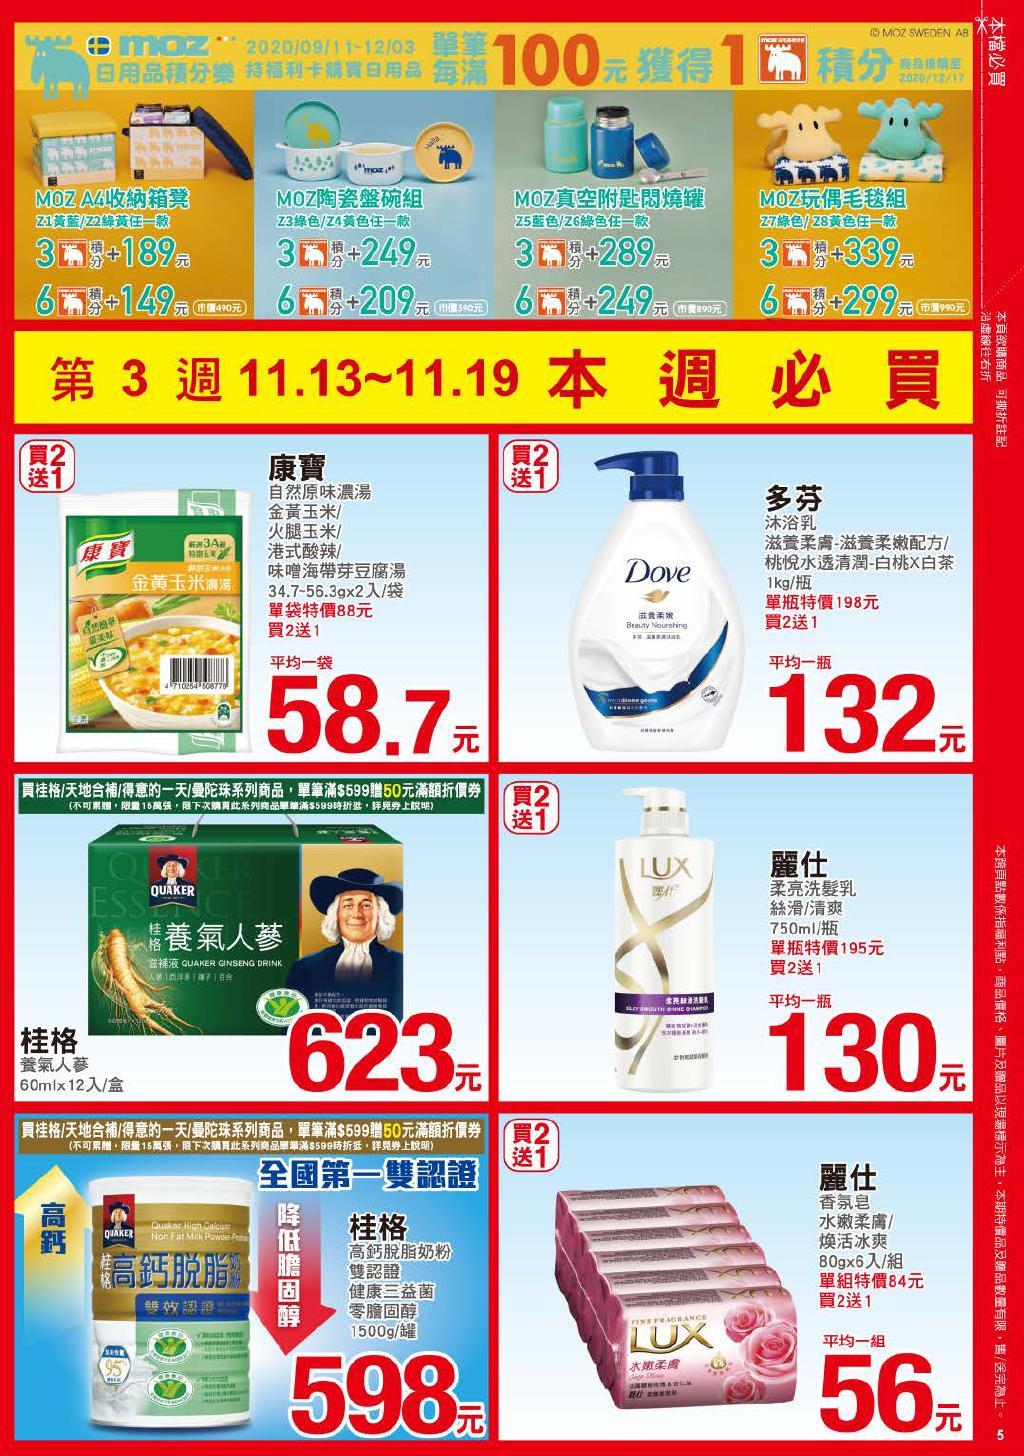 pxmart20201119_000005.jpg